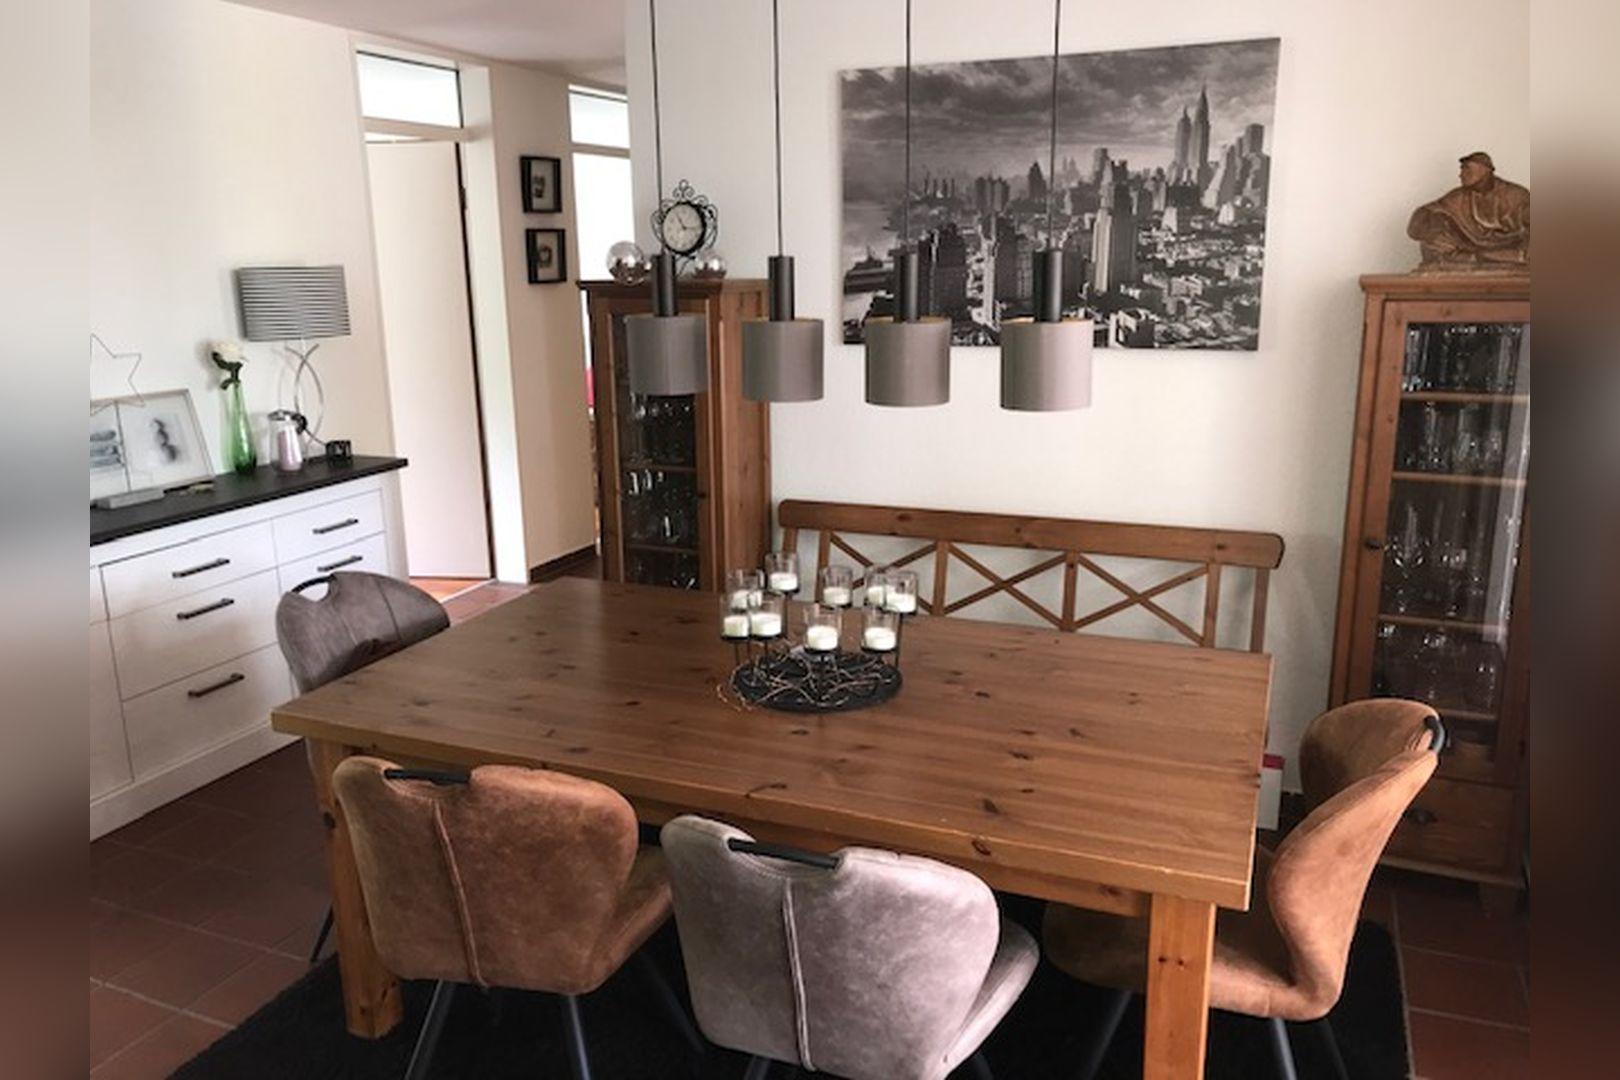 Immobilie Nr.0264 - großzügige Vier-Raum-Wohnung mit Riesenkellerraum für Hobby etc. - Bild main.jpg